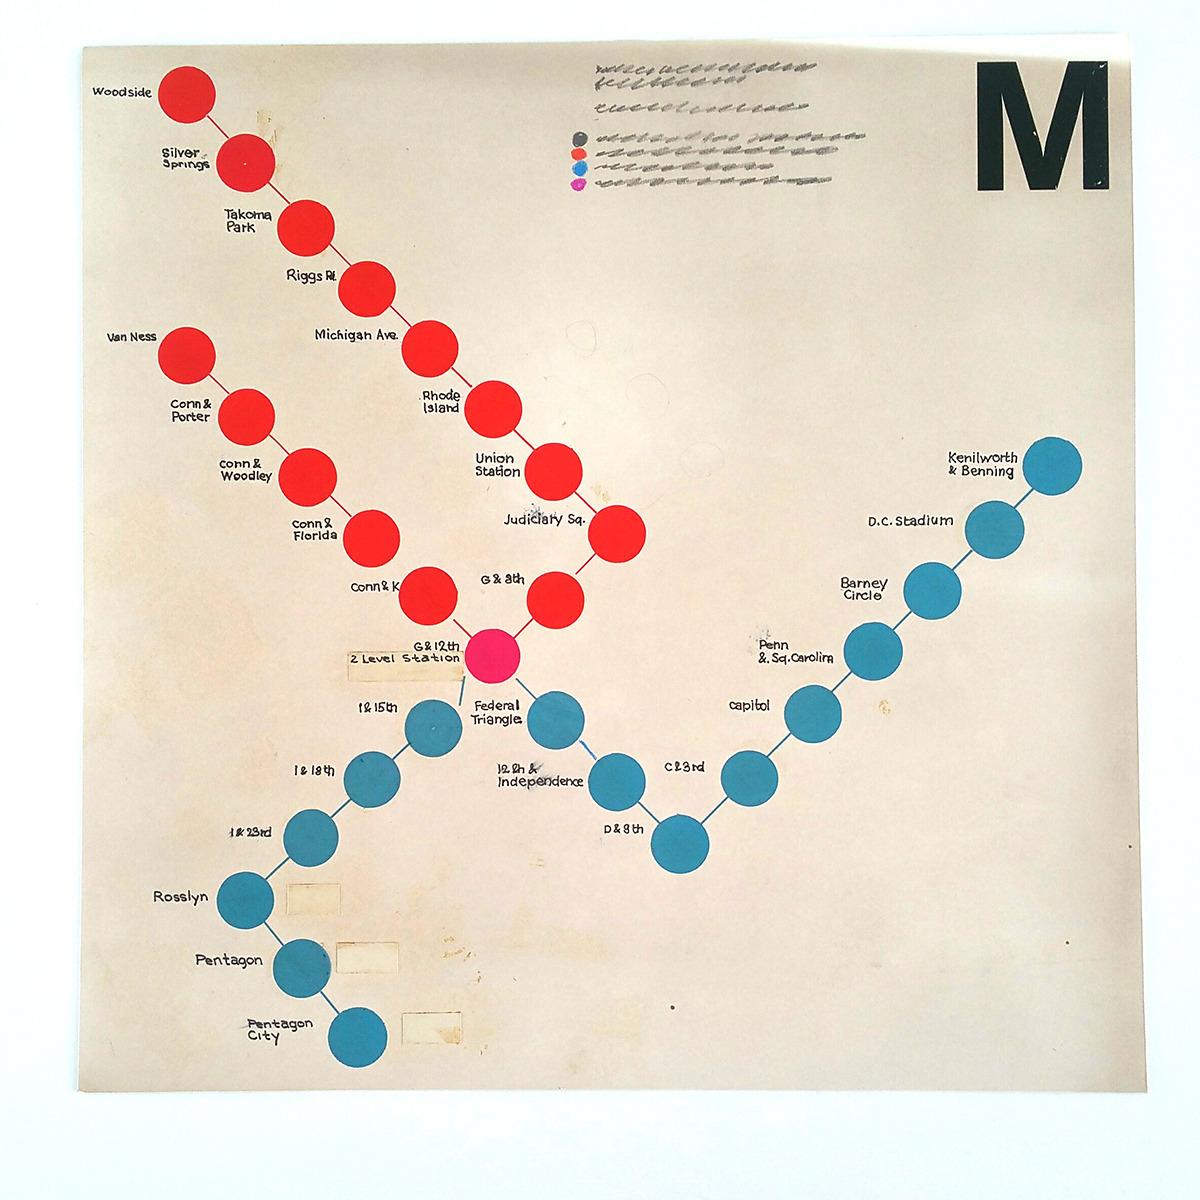 vignelli archive metro dc 7